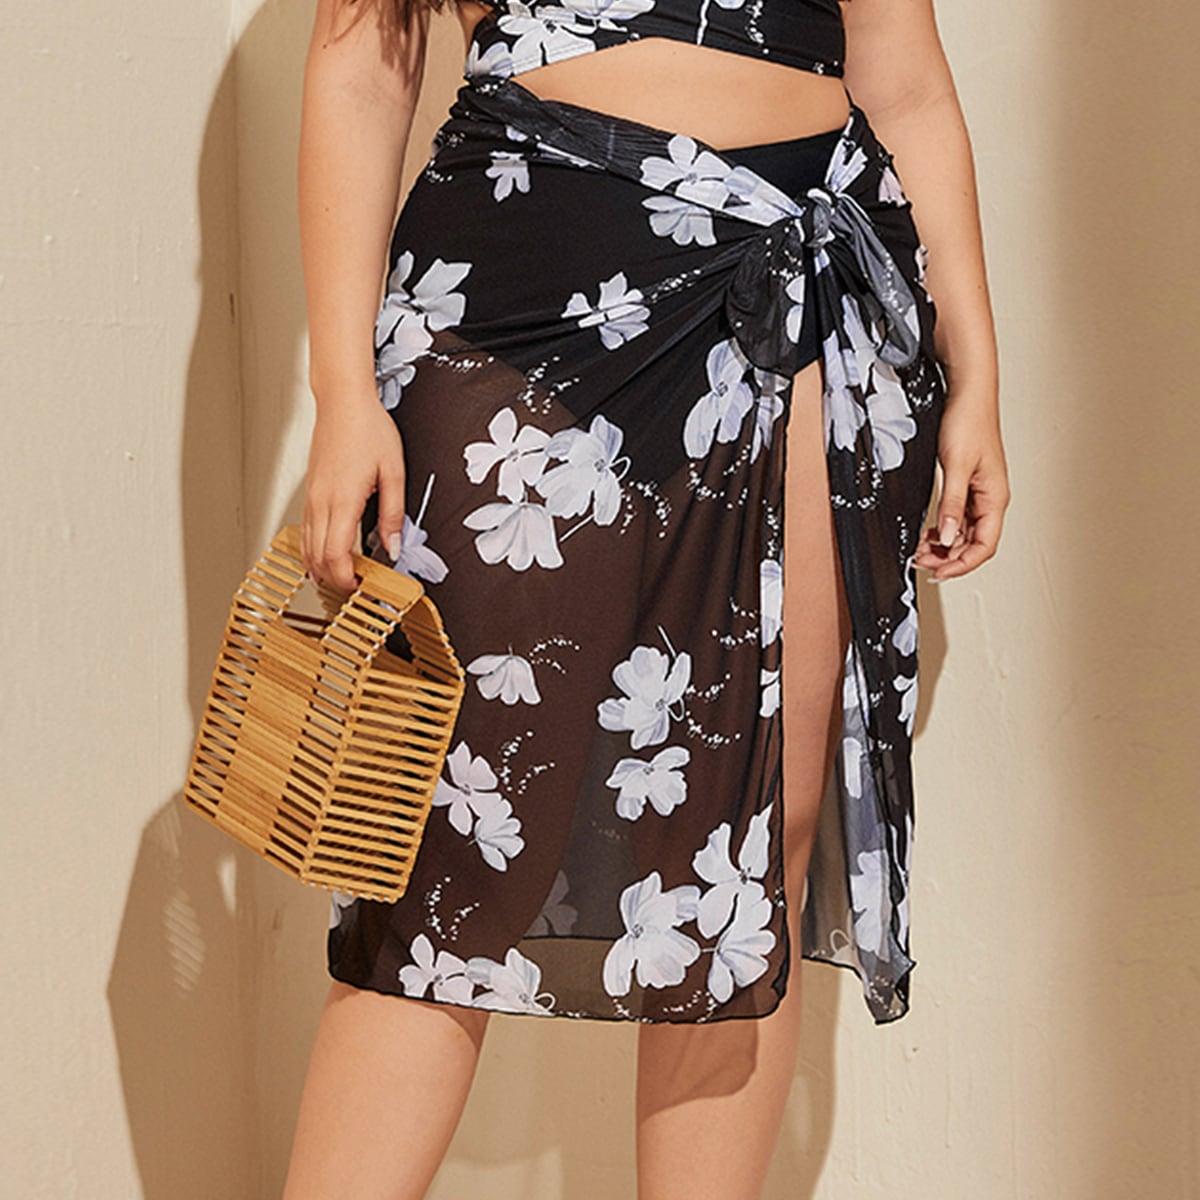 Сетчатая юбка-накидка размера плюс с цветочным узором